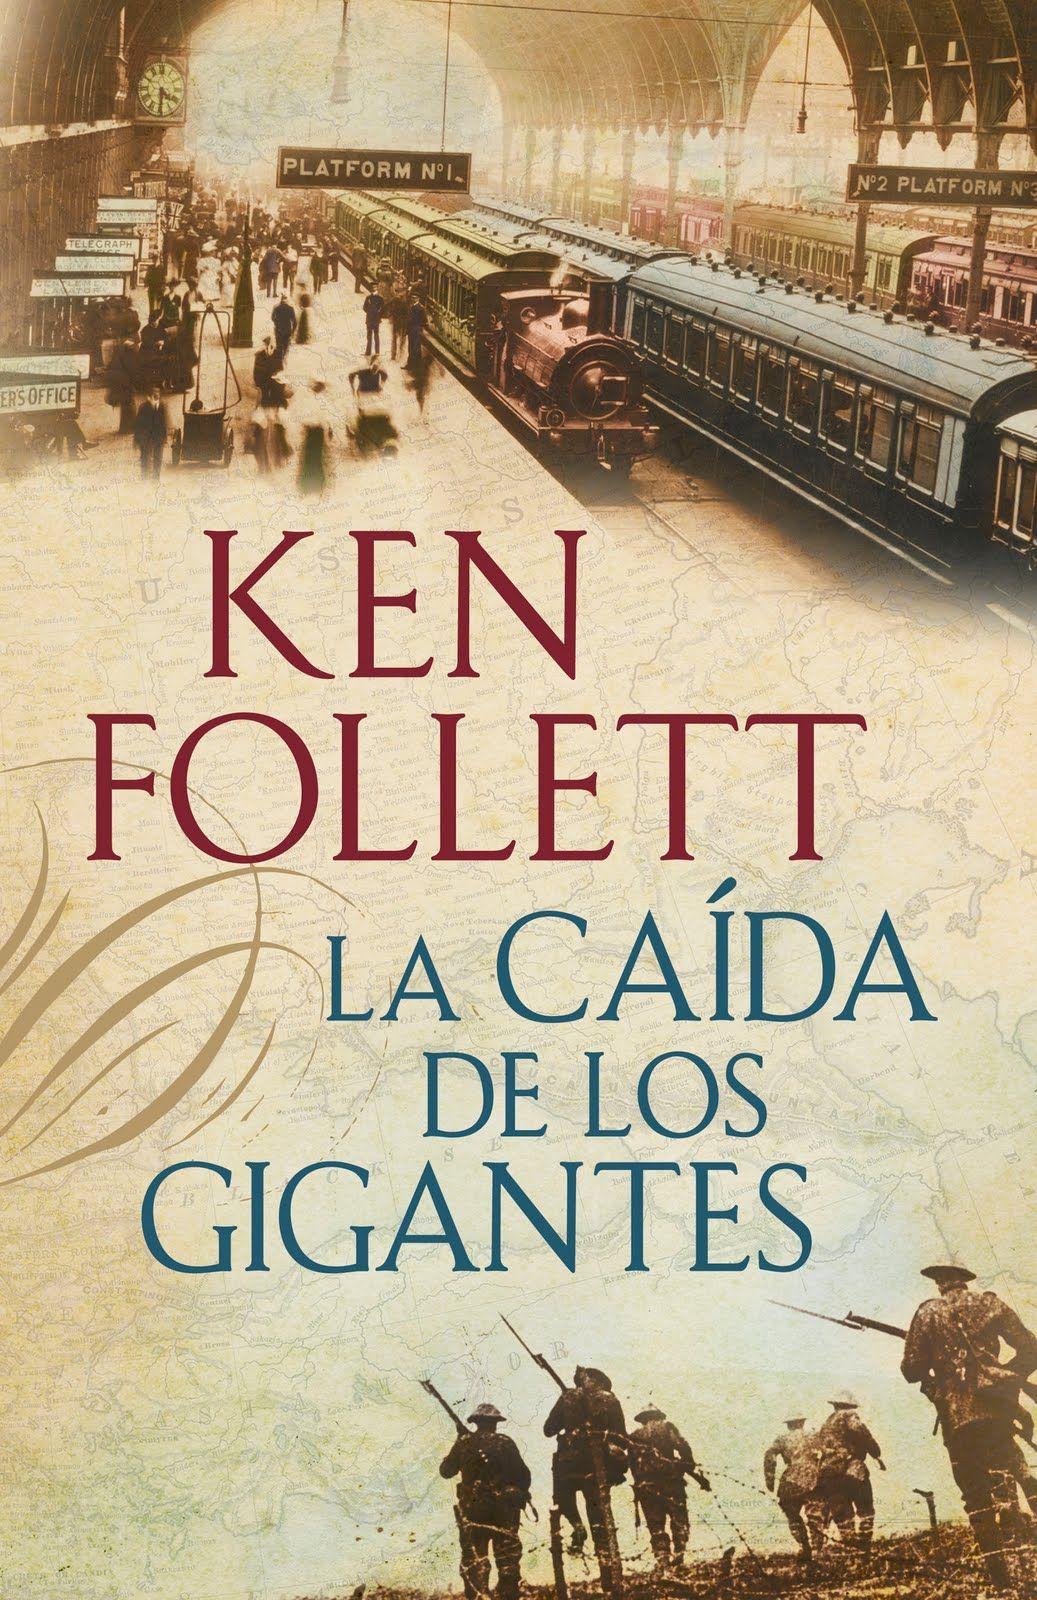 1 parte de la trilogía del siglo XX (Ken Follett) - La caída de los  gigantes -